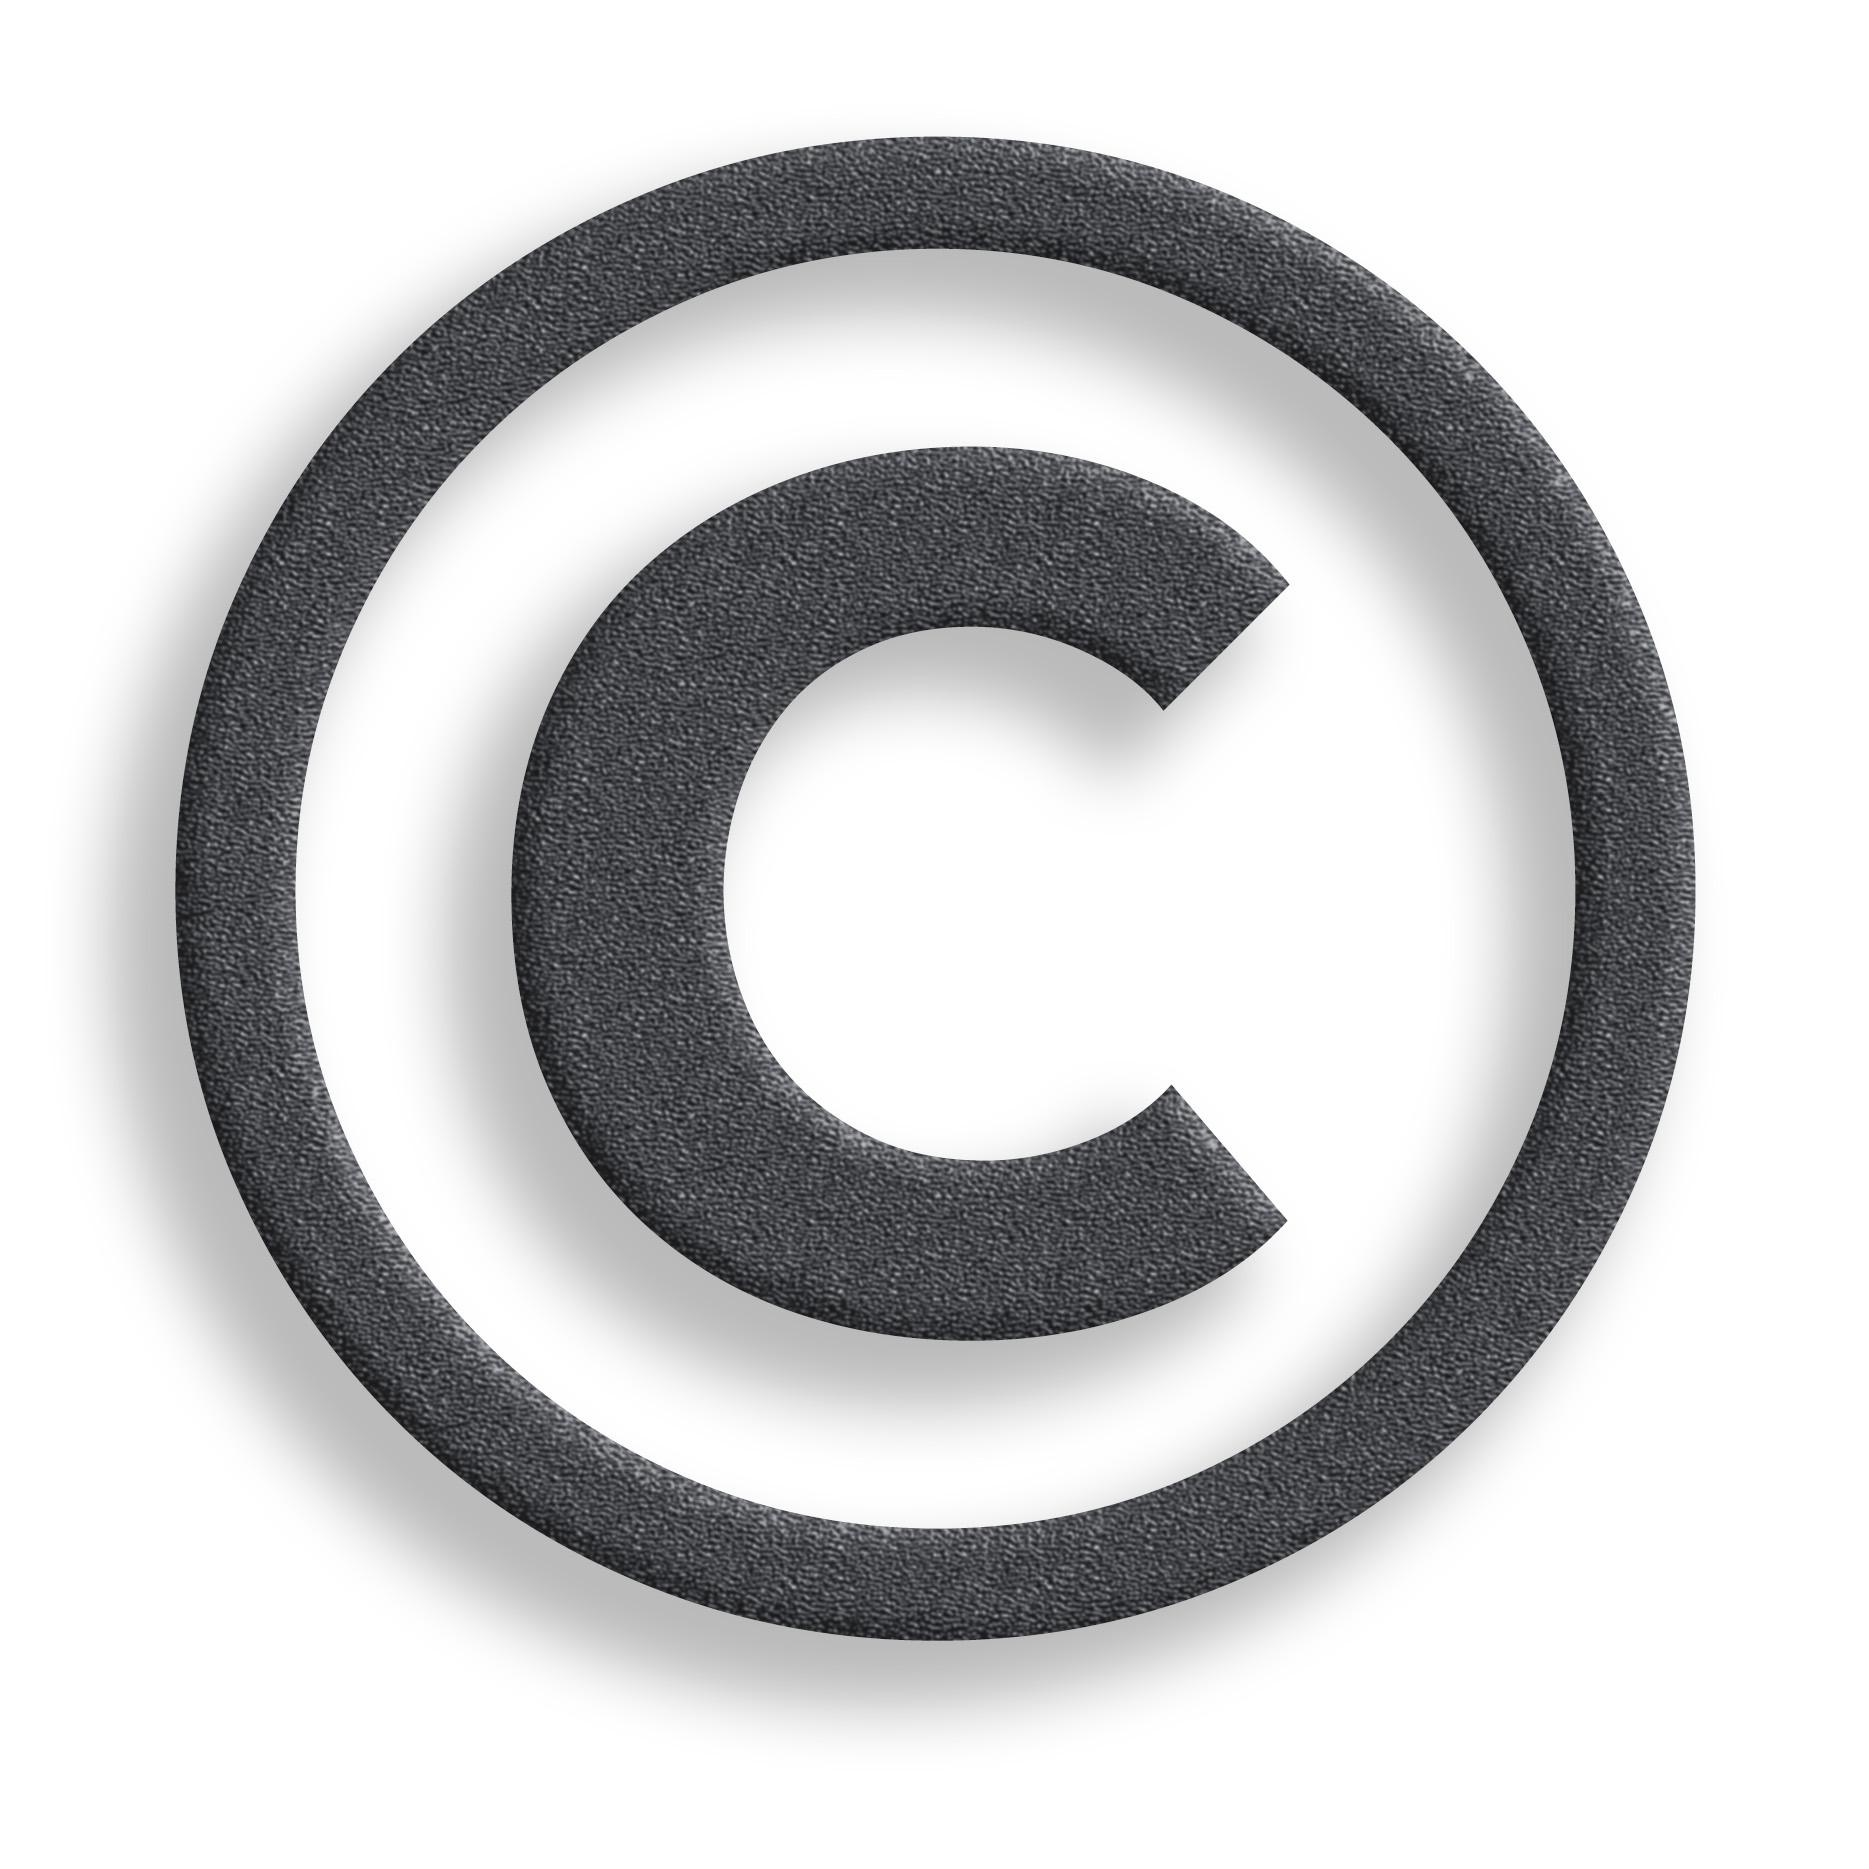 2013-04-29-CopyrightSymbolTextured.jpg